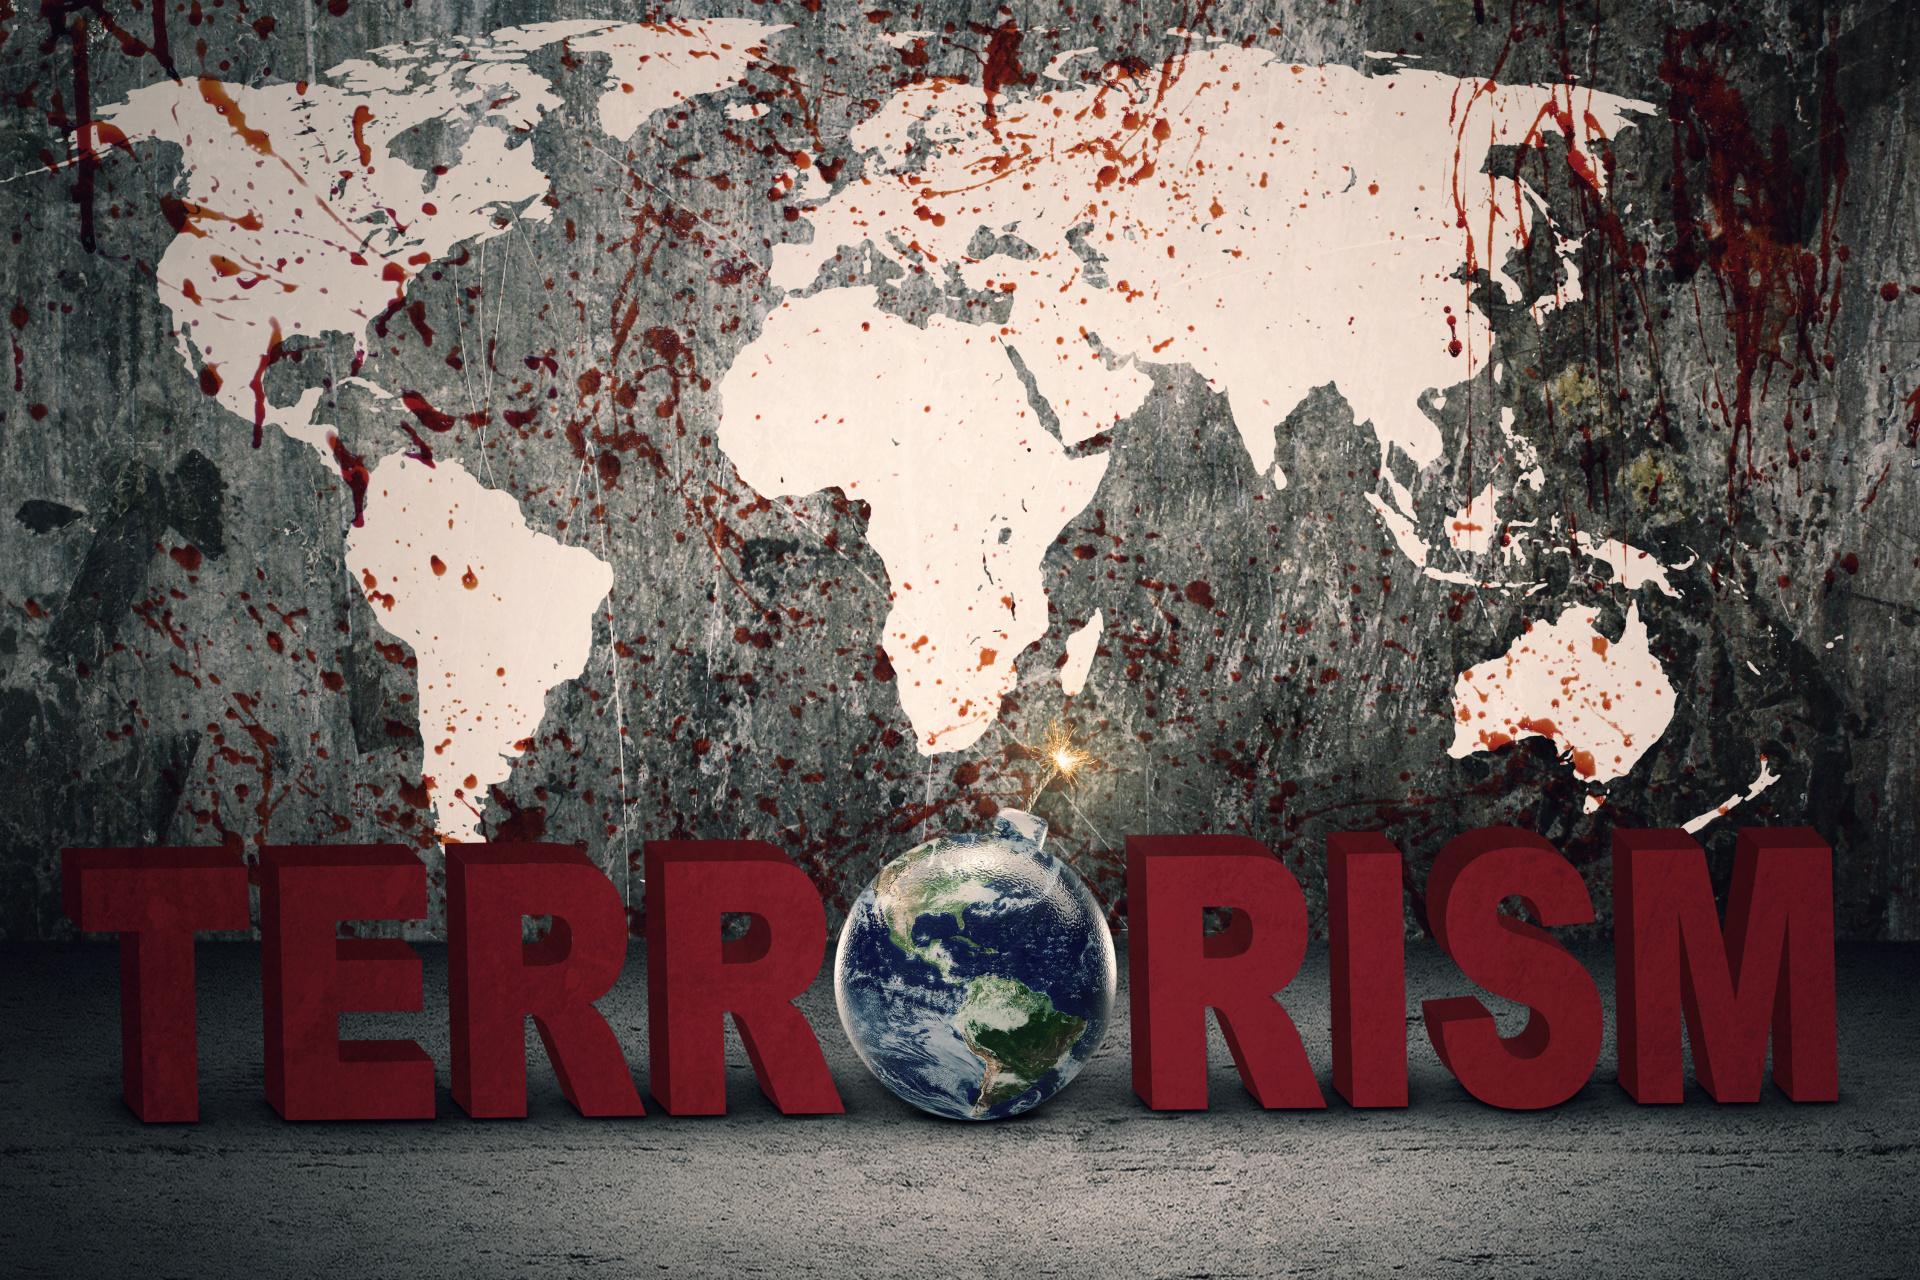 Terrorism & Human Rights